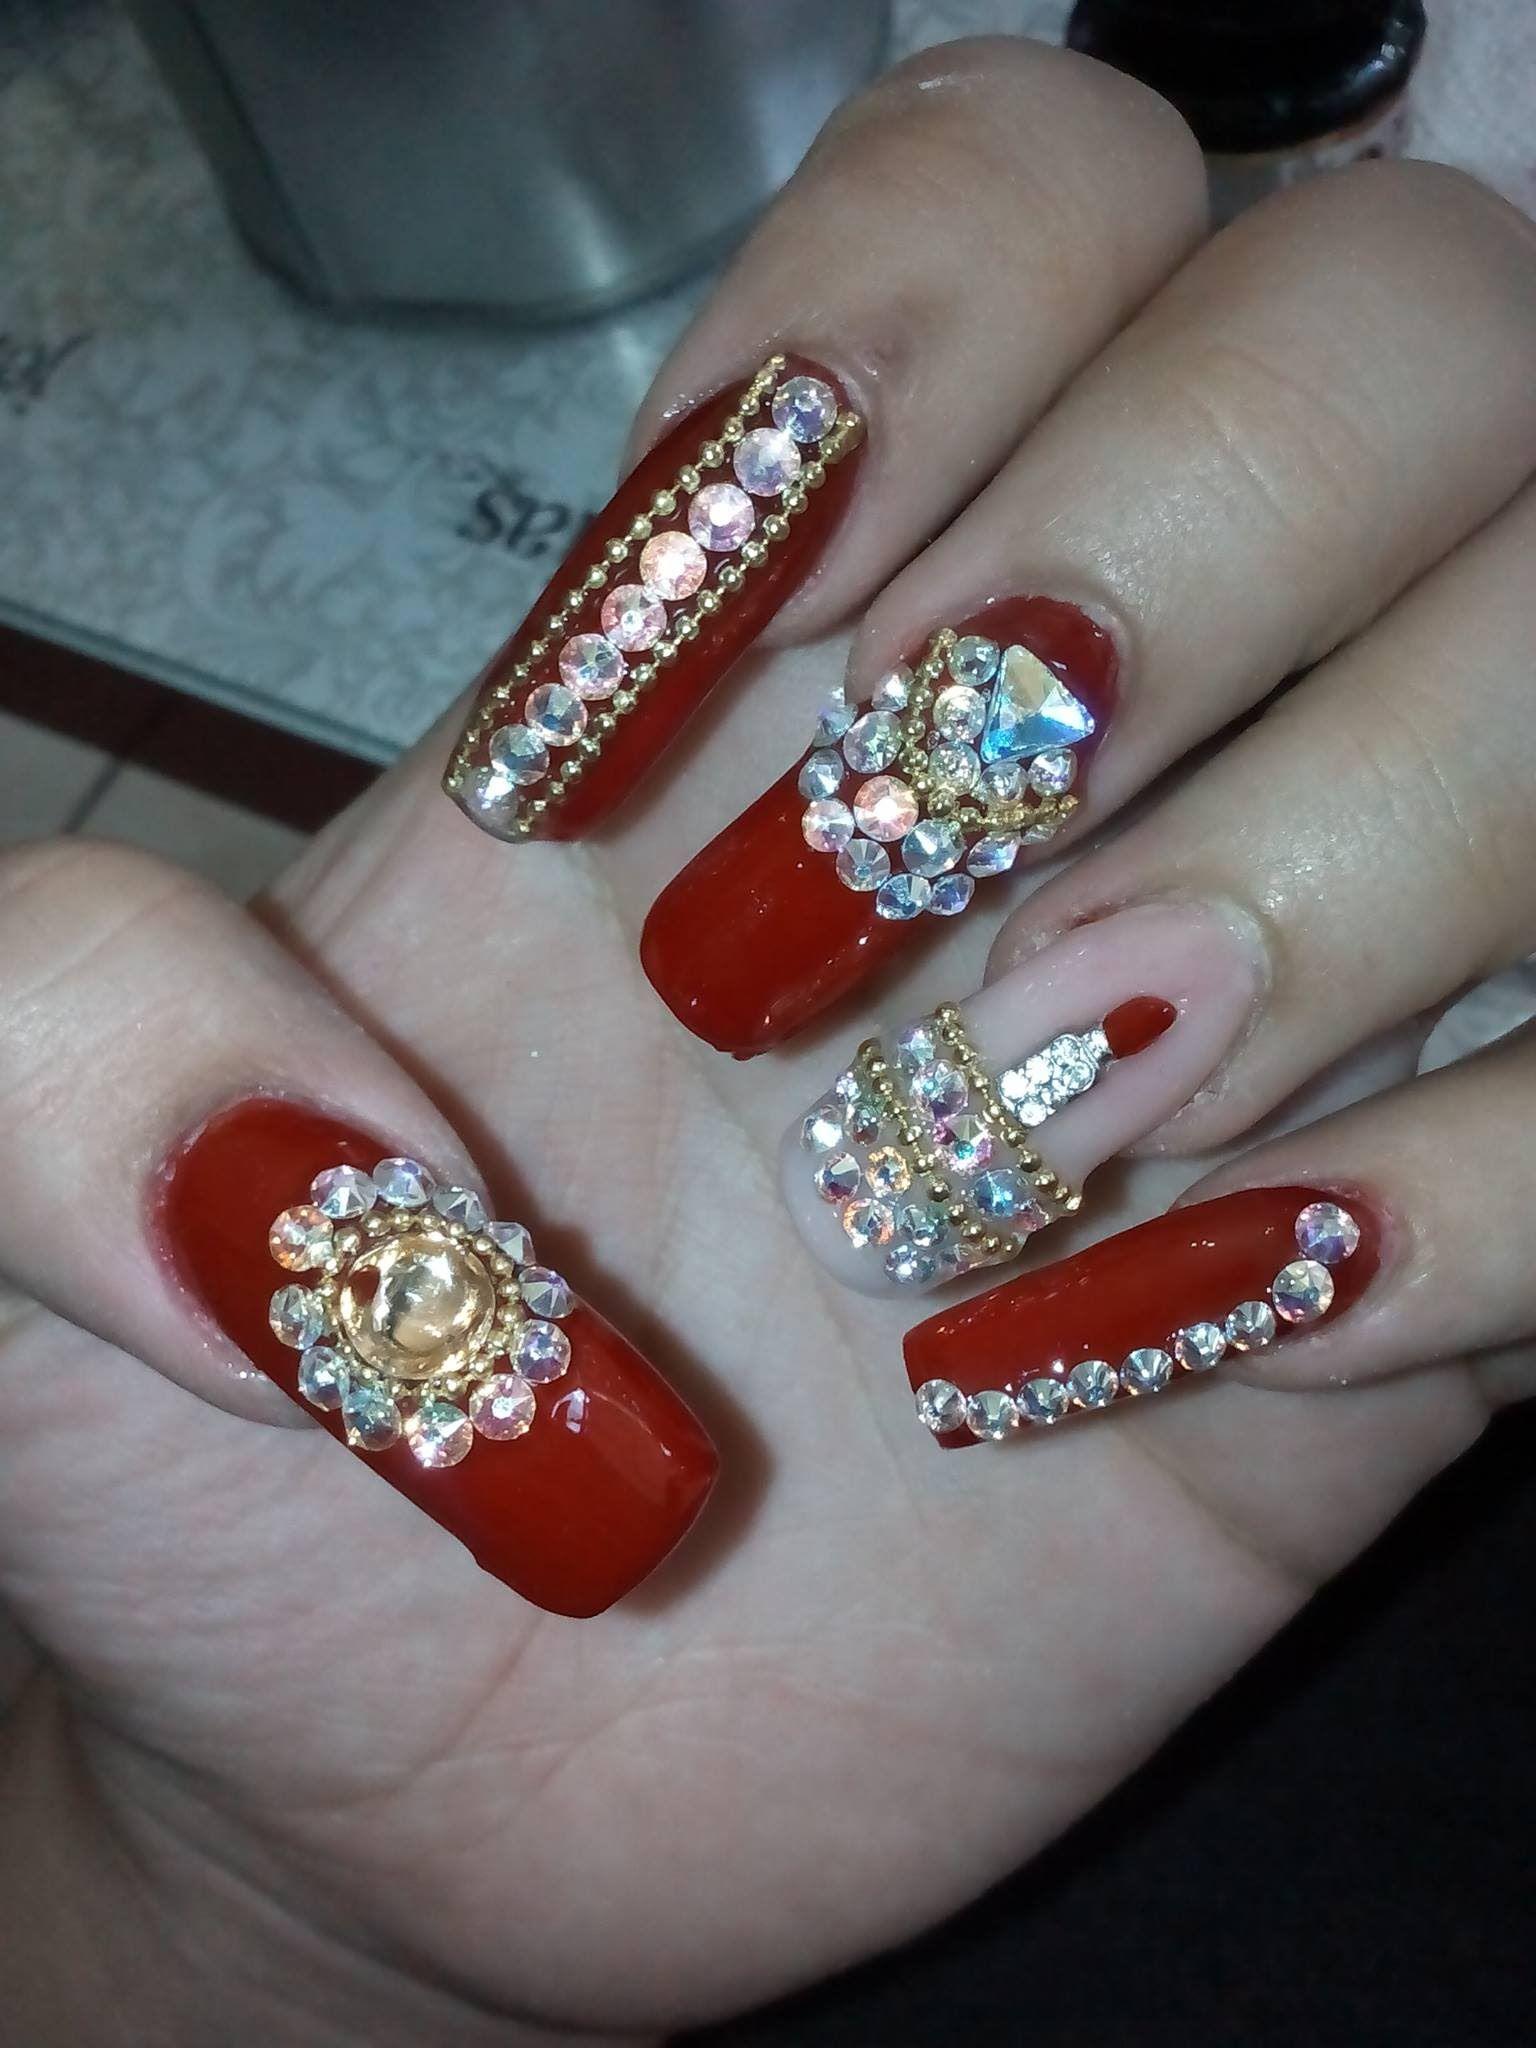 Pin De Yovipili Beauty Center En Nails Unas Unas Decoradas 2017 Y